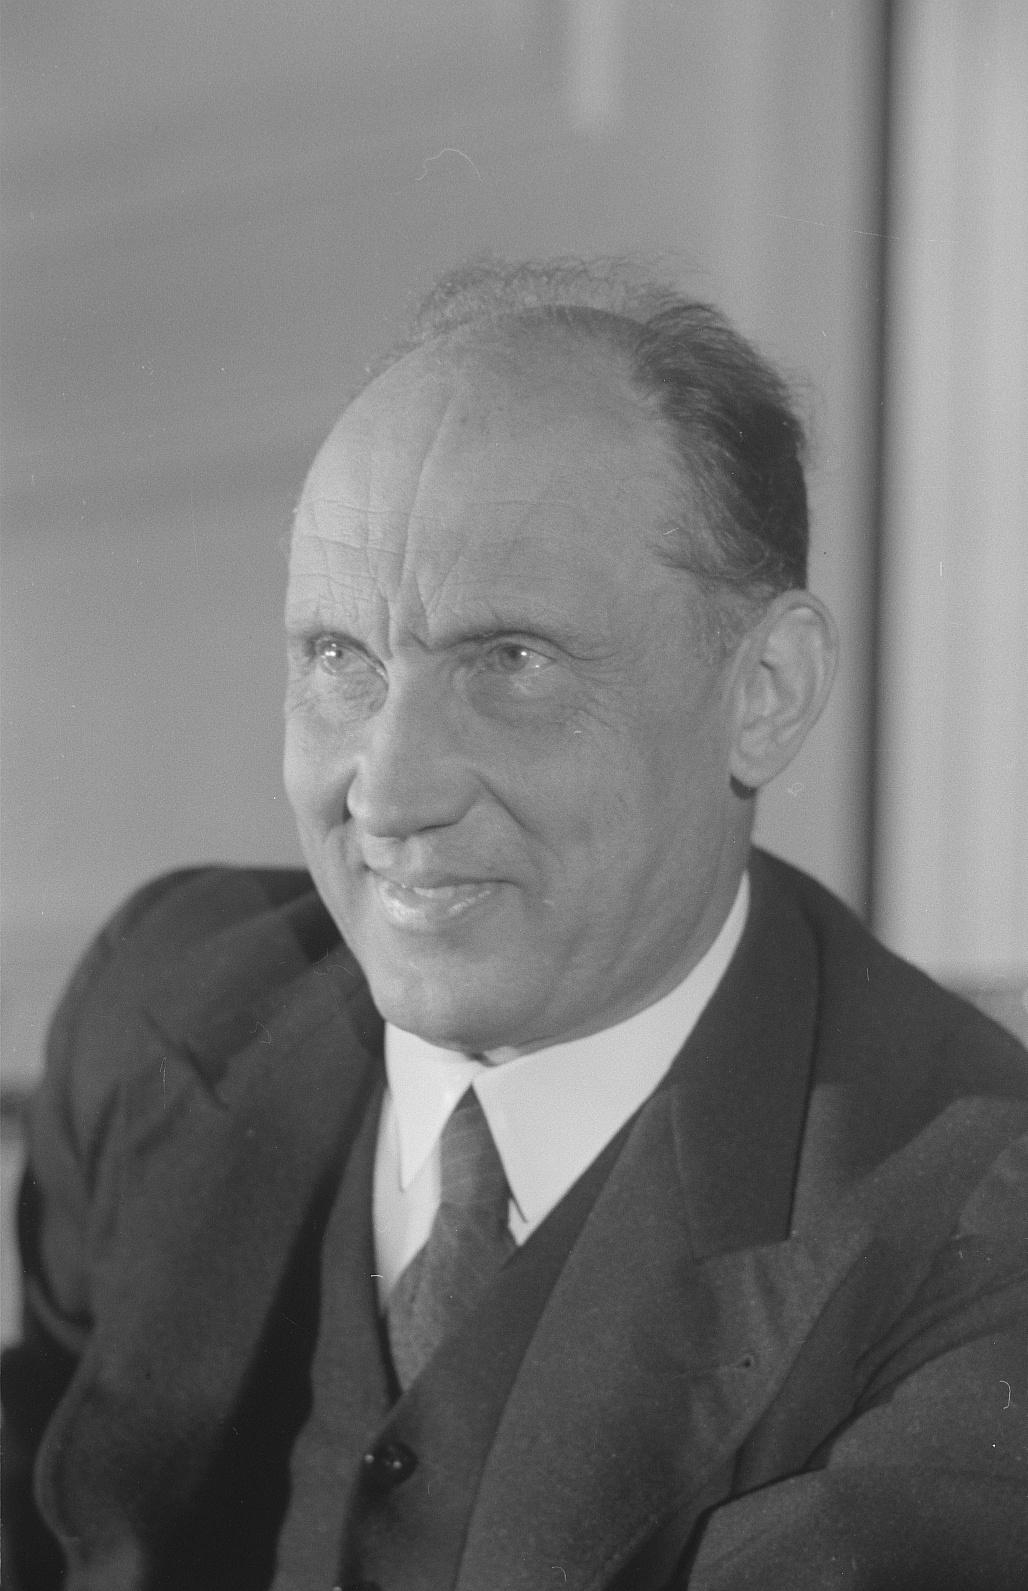 Photo von Carl Steinhoff, Minister des Innern der DDR